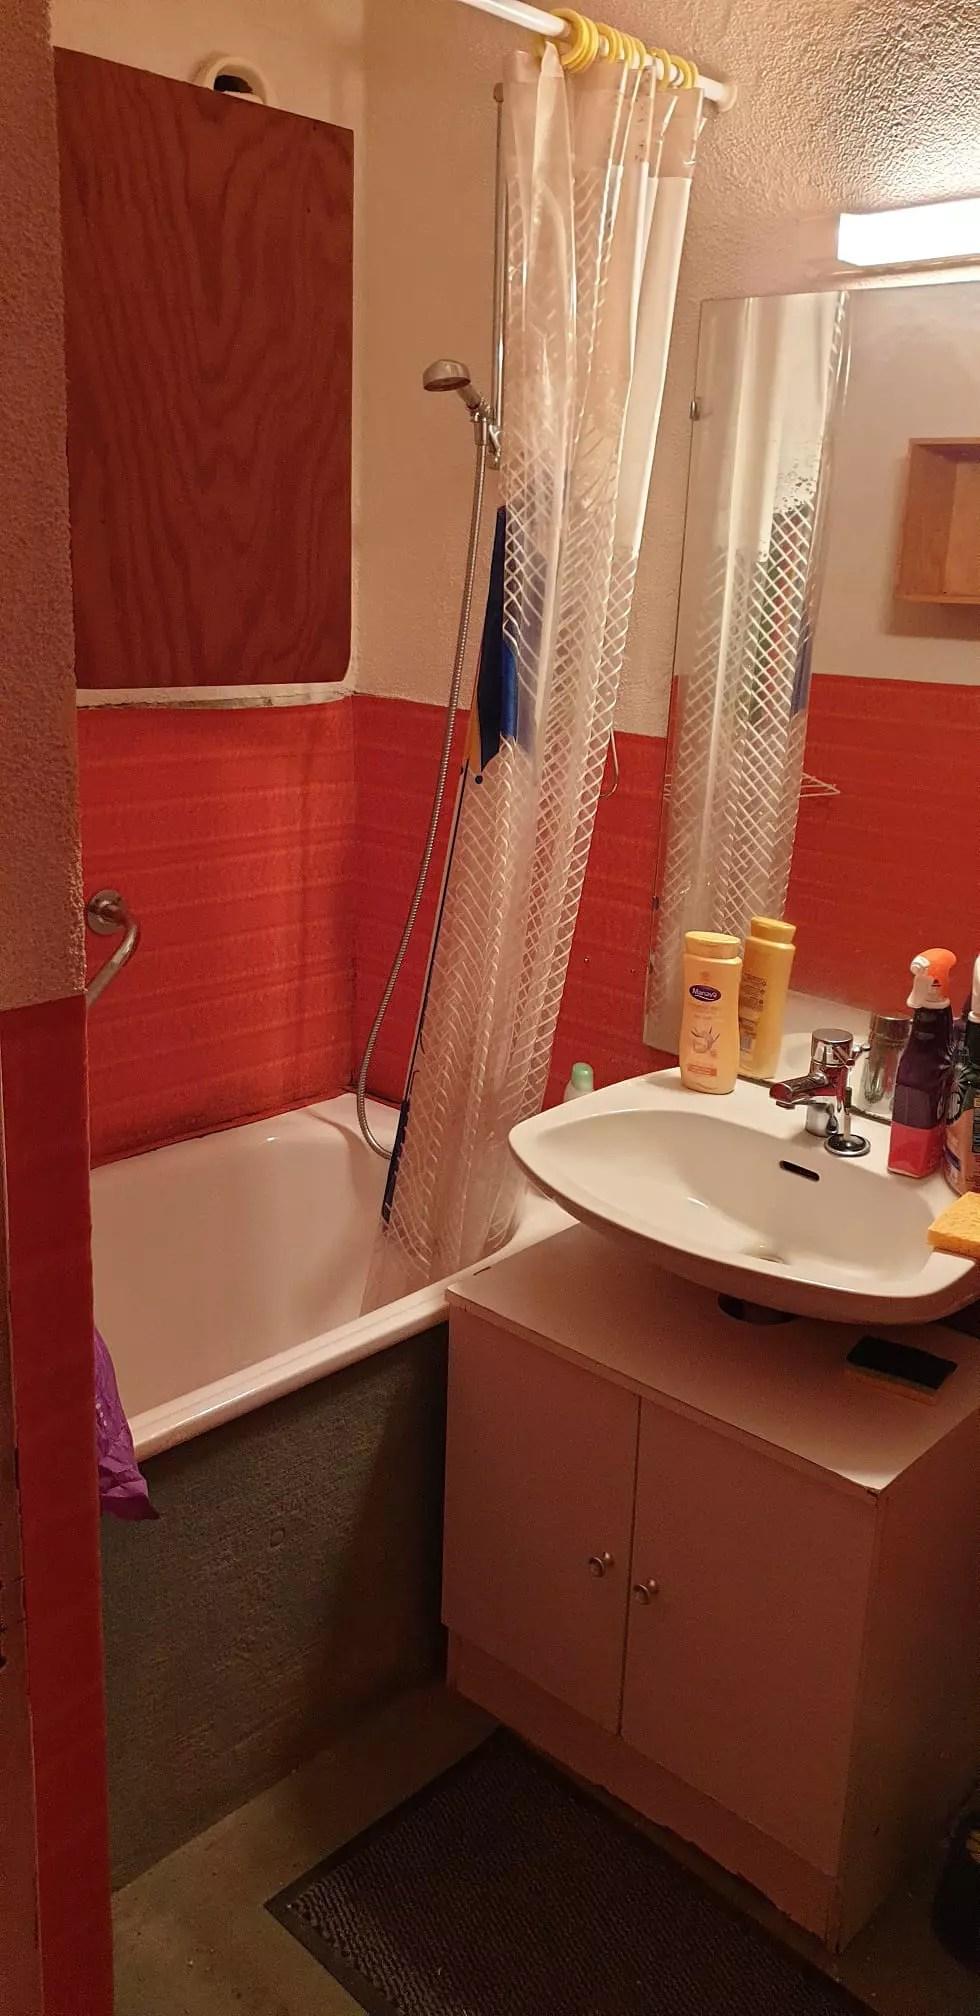 encastrer mitigeur de douche et robinet